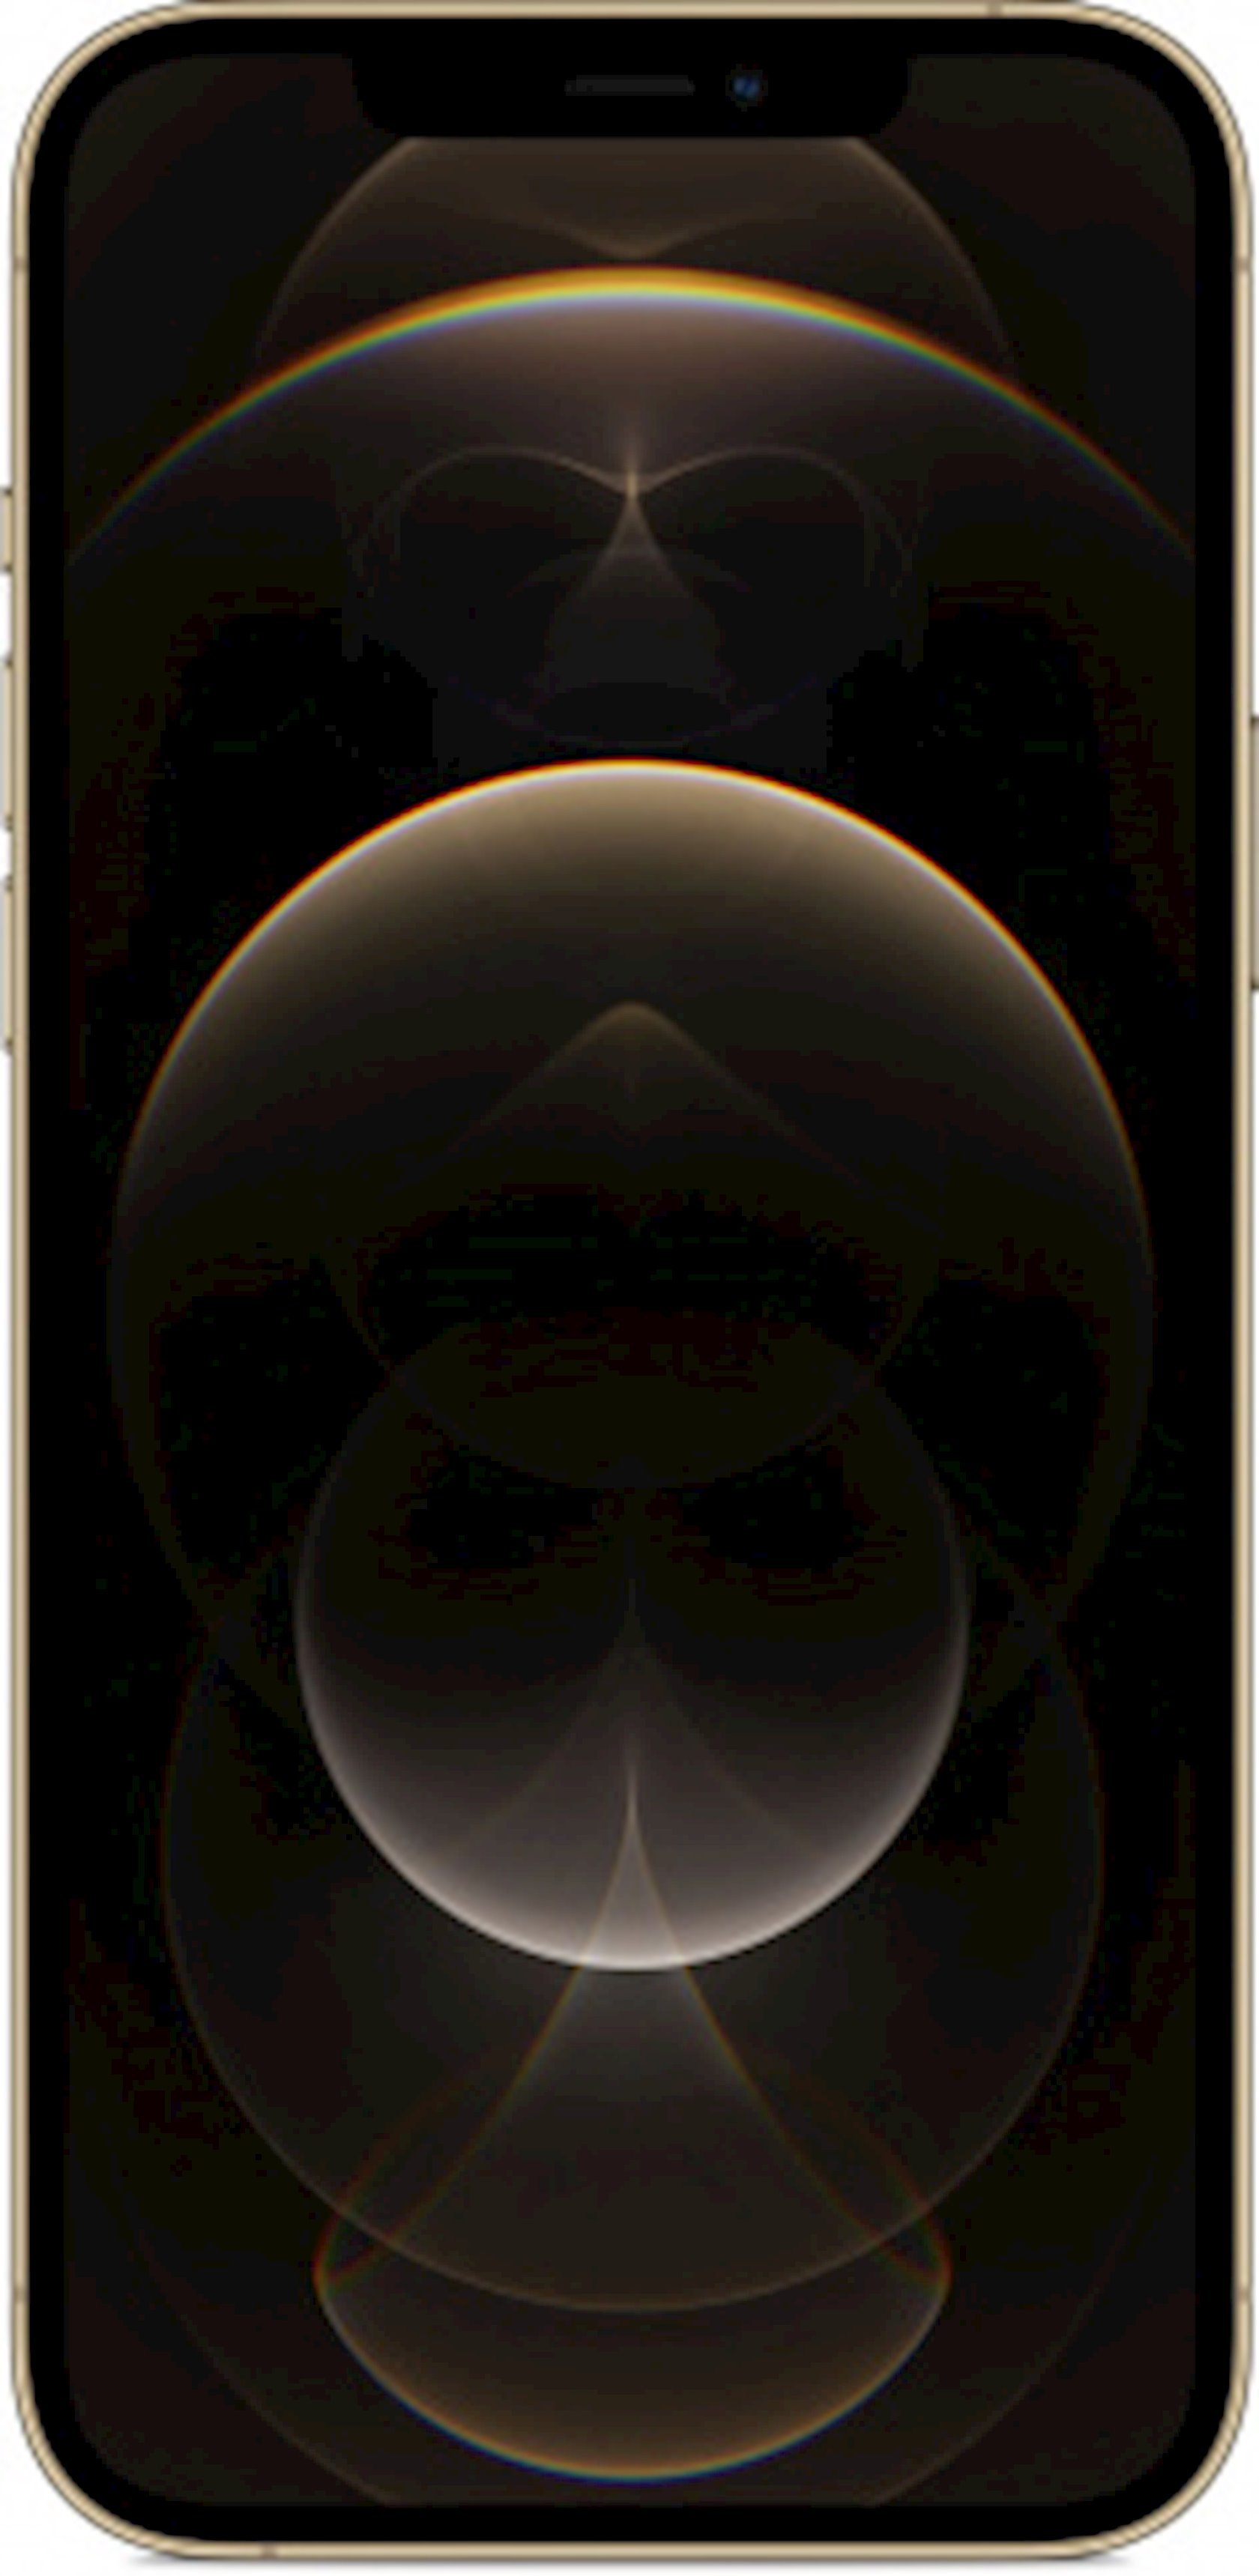 Smartfon Apple iPhone 12 Pro Max 128 Gb qızıl